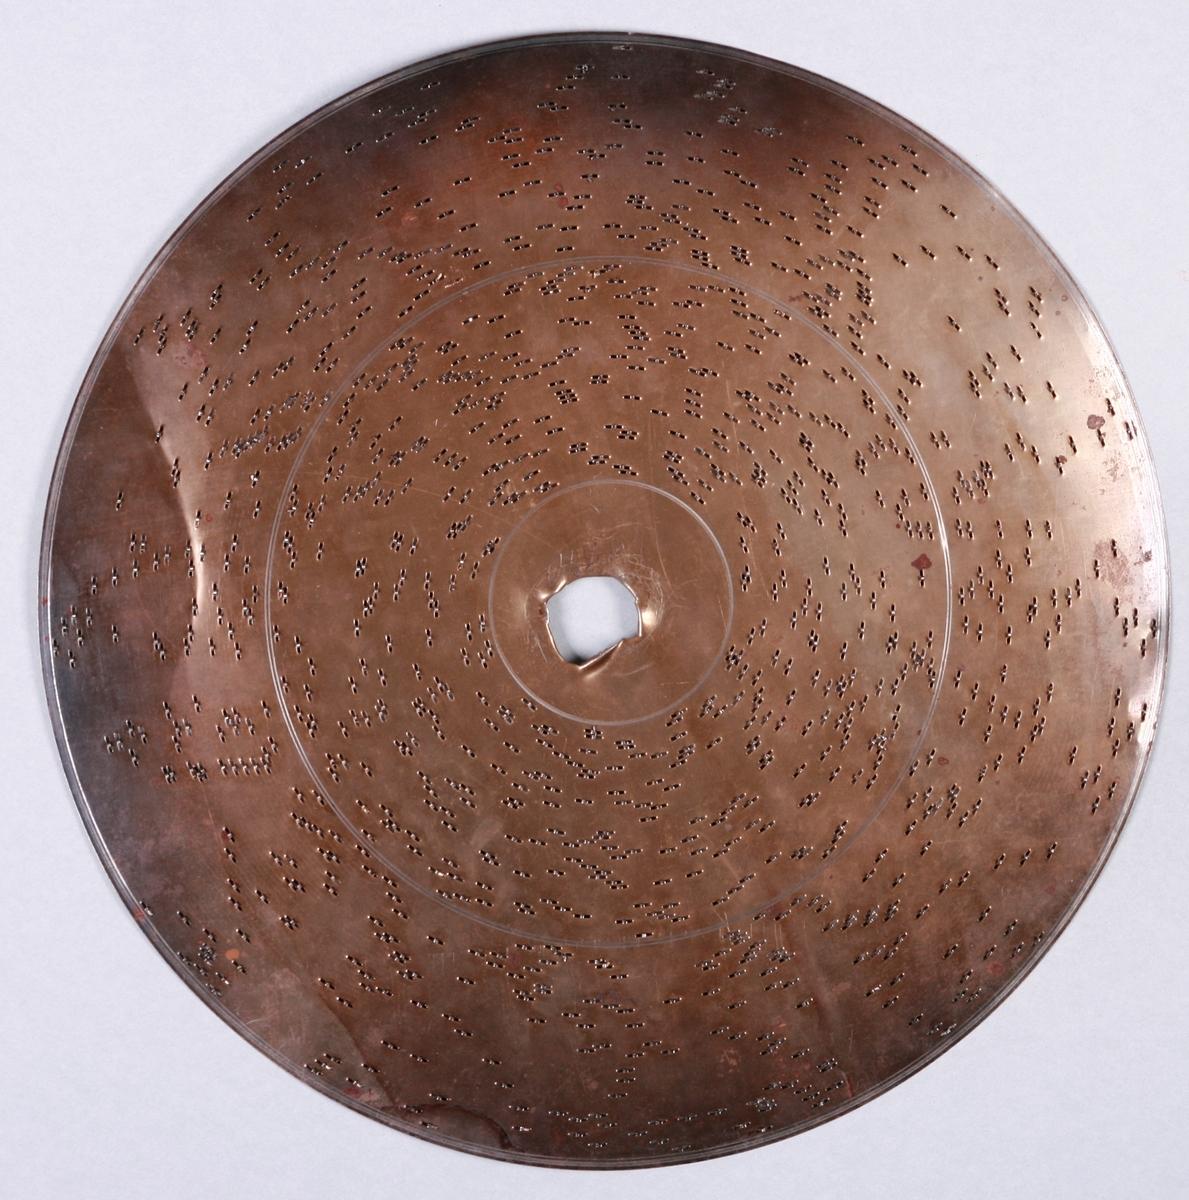 """Perfortert metalplate med pigger på underside. Programmert musikk for platespilledåse. 86-spor, Ø 30 cm. Drivsystem: Sentrumshull med kvadratisk """"satellithull"""" ved siden (7x5 mm).  Sentrumhull, diameter: 8 mm  Avstand mellom 10 spor: ca 13 mm. Avstand sentrumsaksling – første spor:  33,8 mm Total bredde spor:  110,4 mm"""